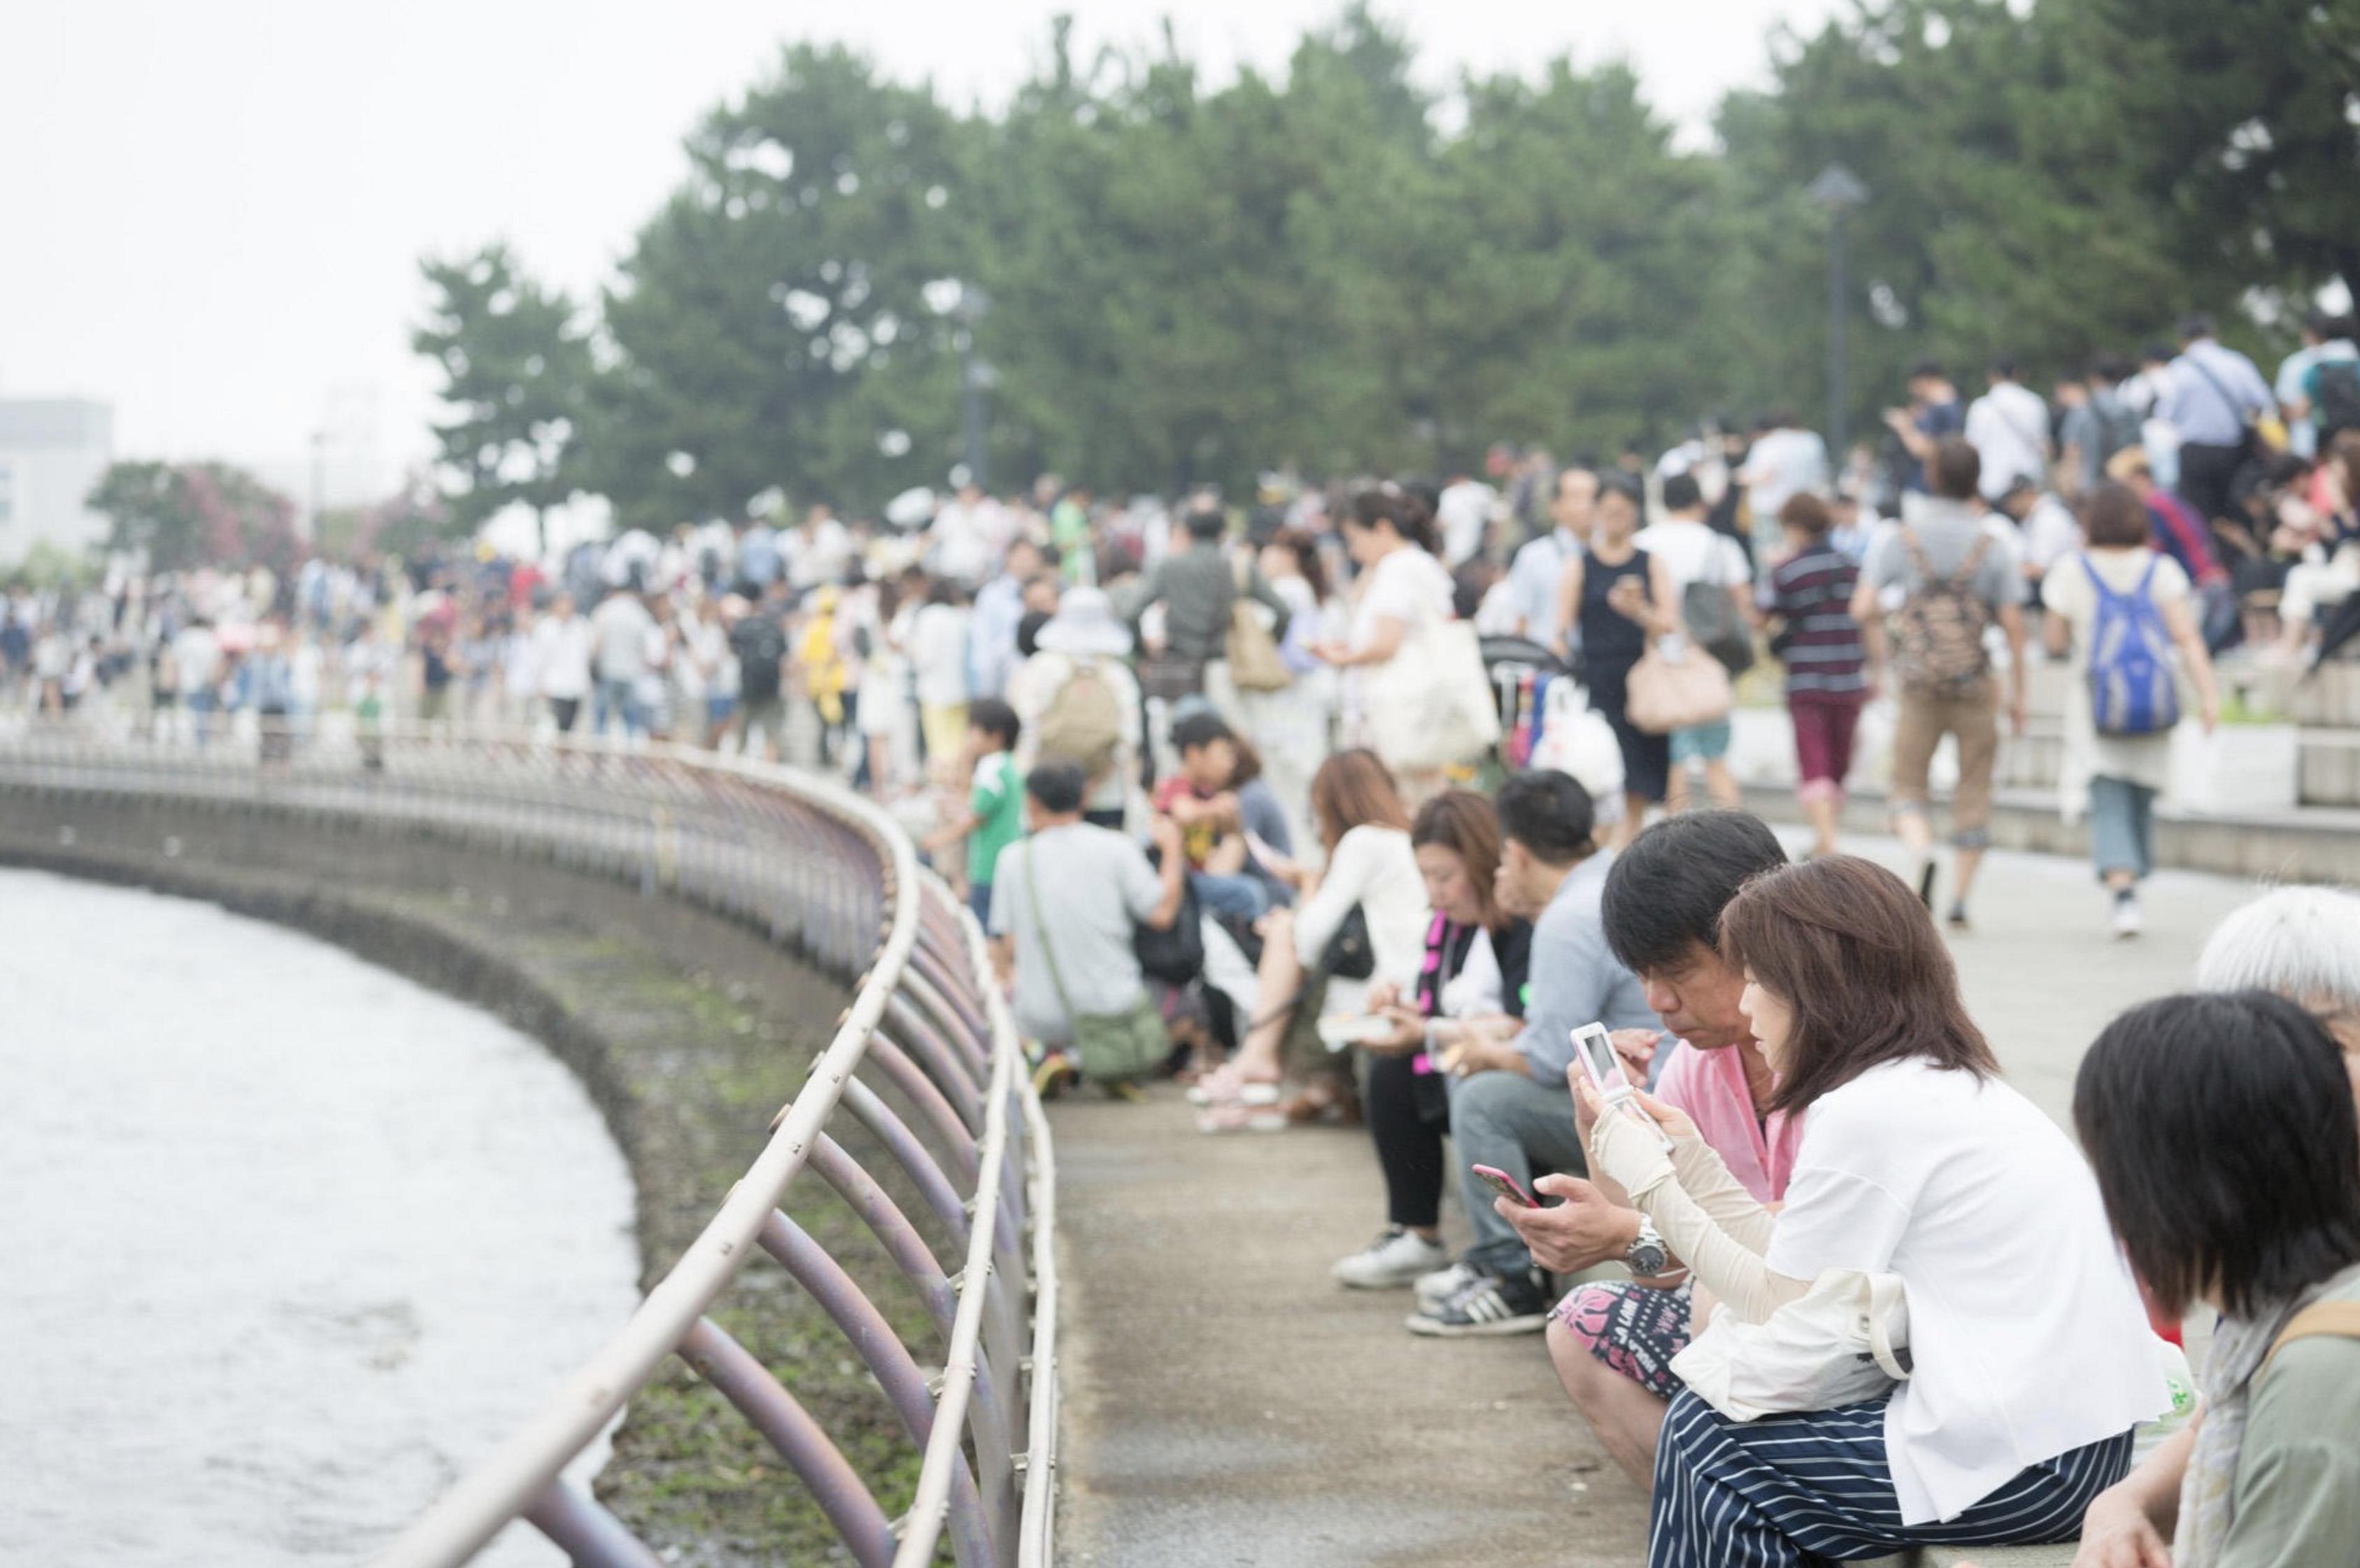 【ポケモンGO】2017年ポケゴー10大ニュースを挙げろ!あの夏の神イベントは忘れられない!